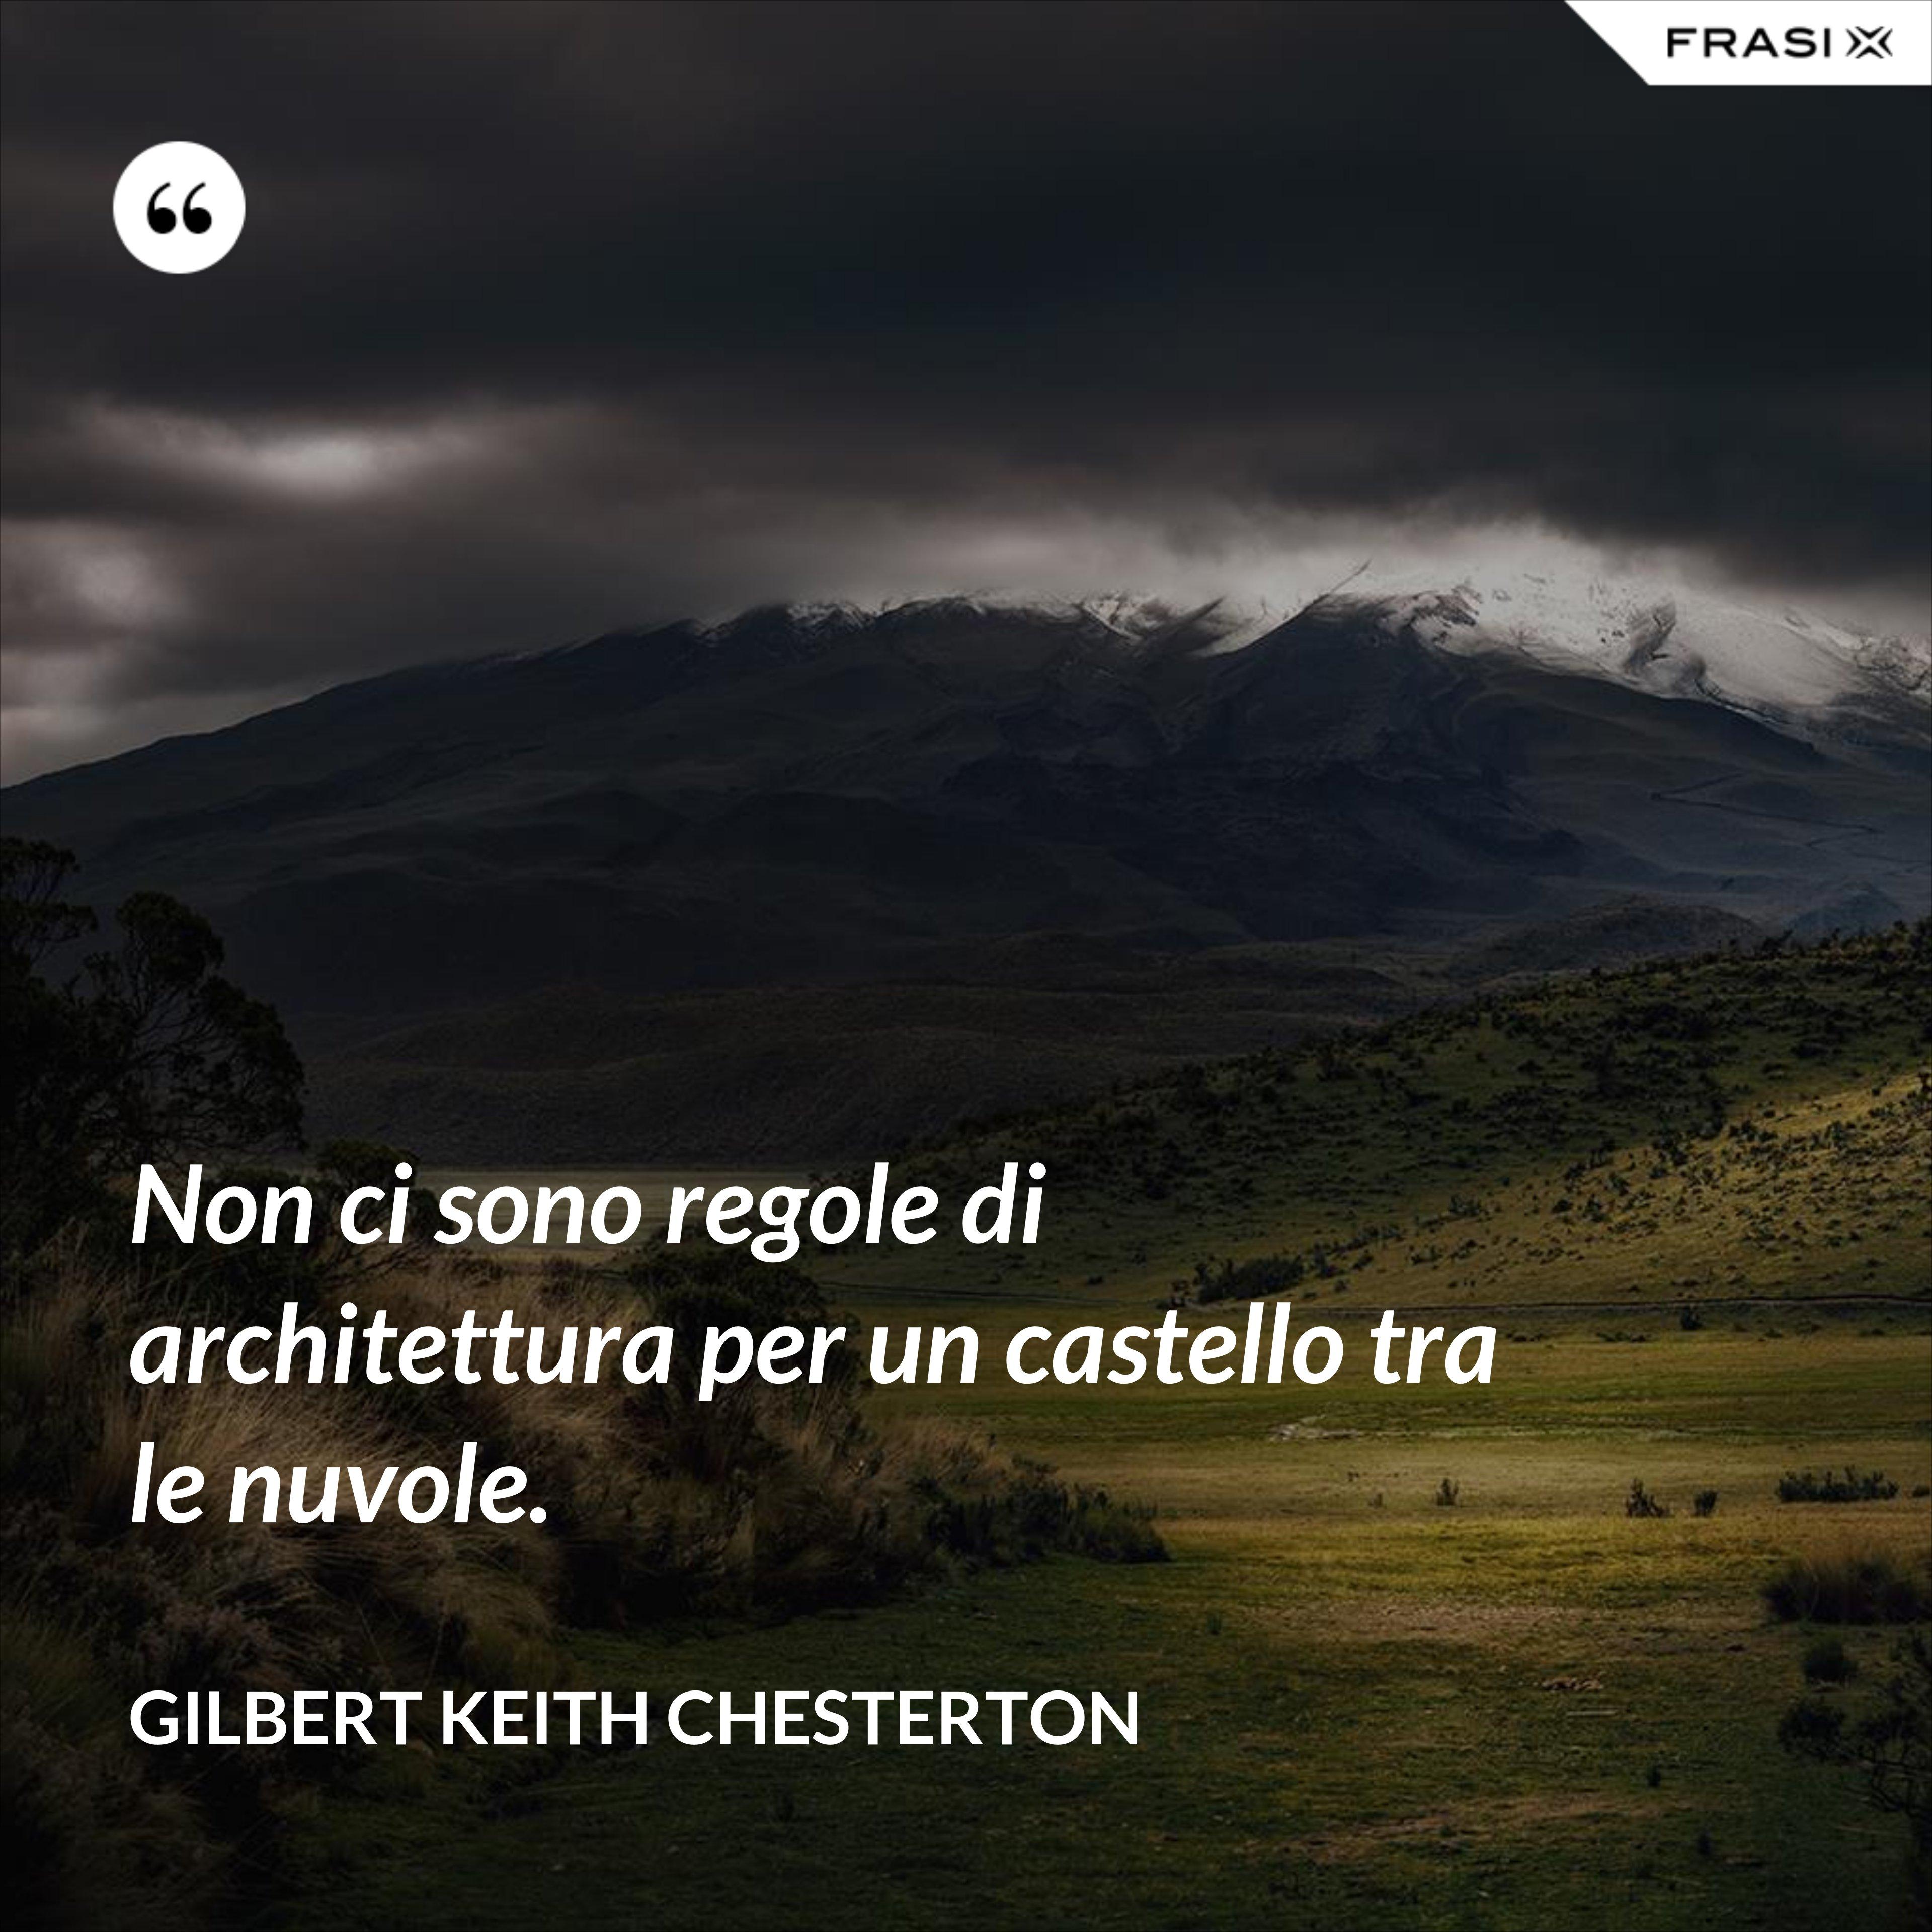 Non ci sono regole di architettura per un castello tra le nuvole. - Gilbert Keith Chesterton